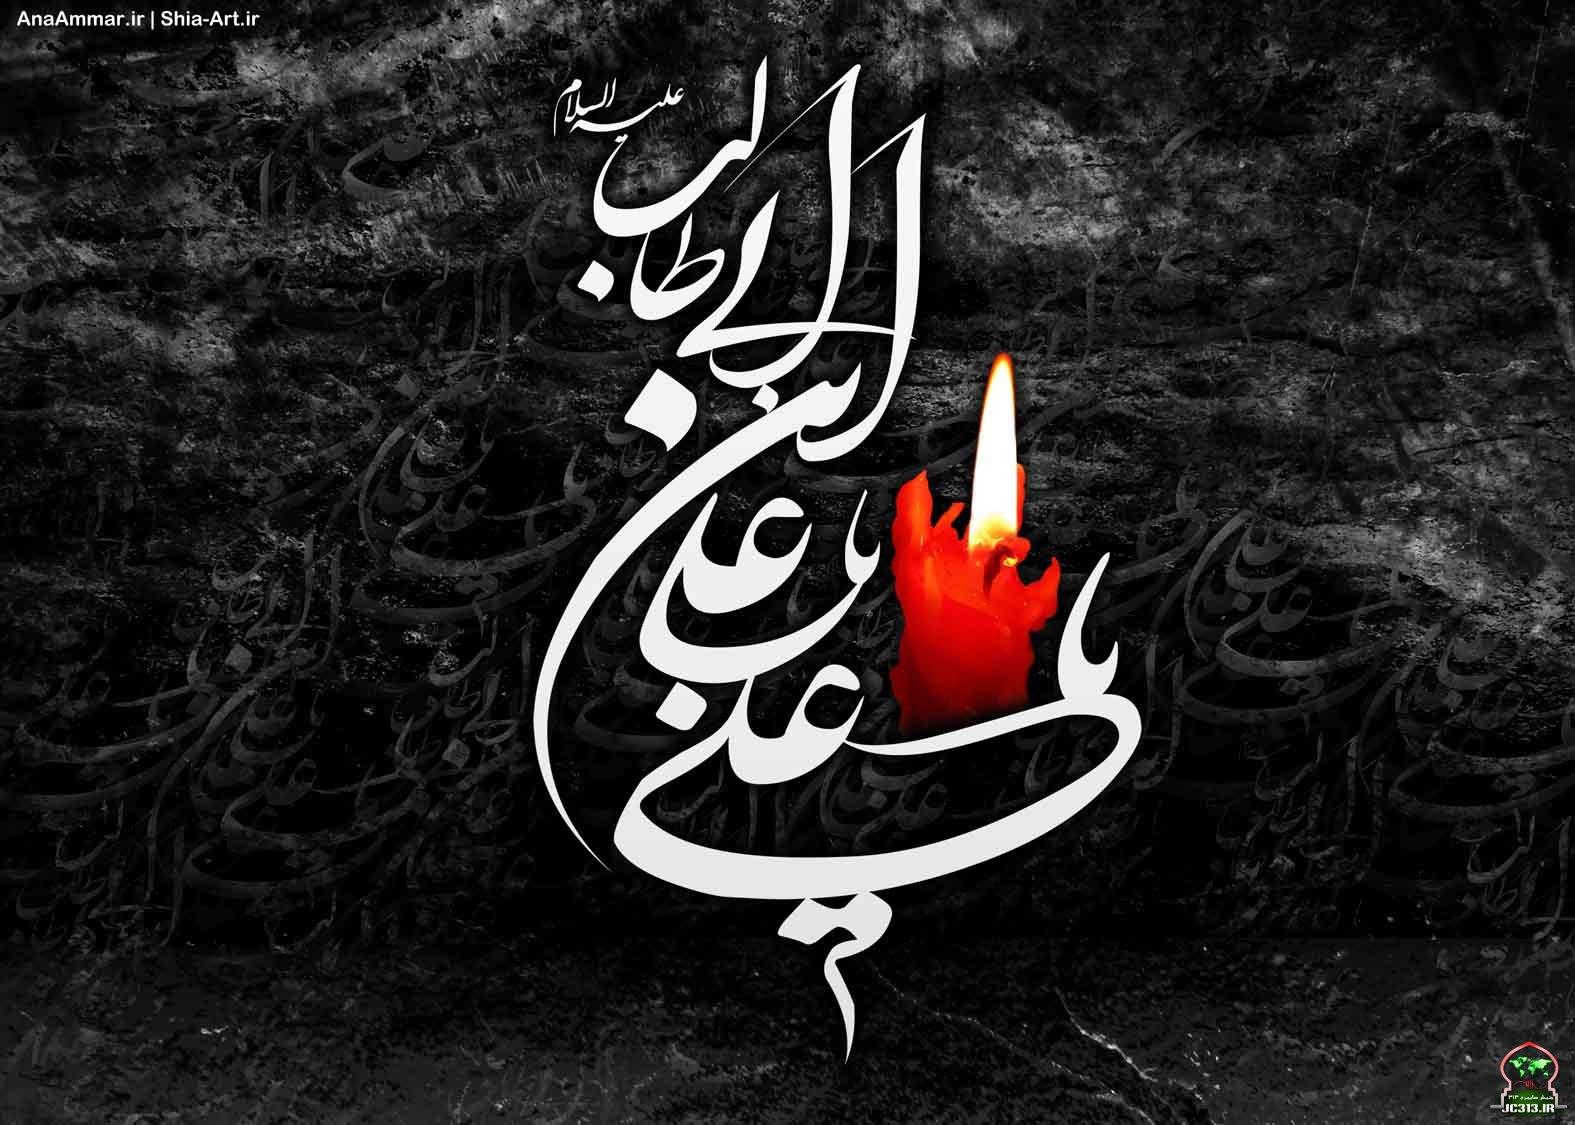 چرا نام امام علی در قرآن